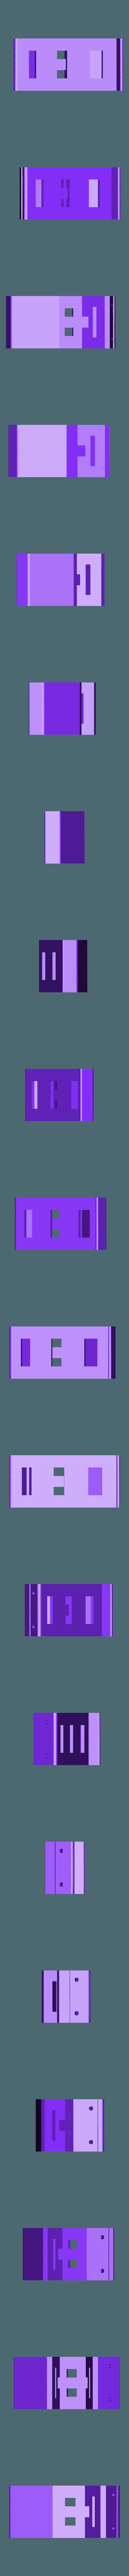 Protection_Lipo_v2.stl Télécharger fichier STL gratuit Protection lipo 30° V2 • Plan pour impression 3D, Rhizamax